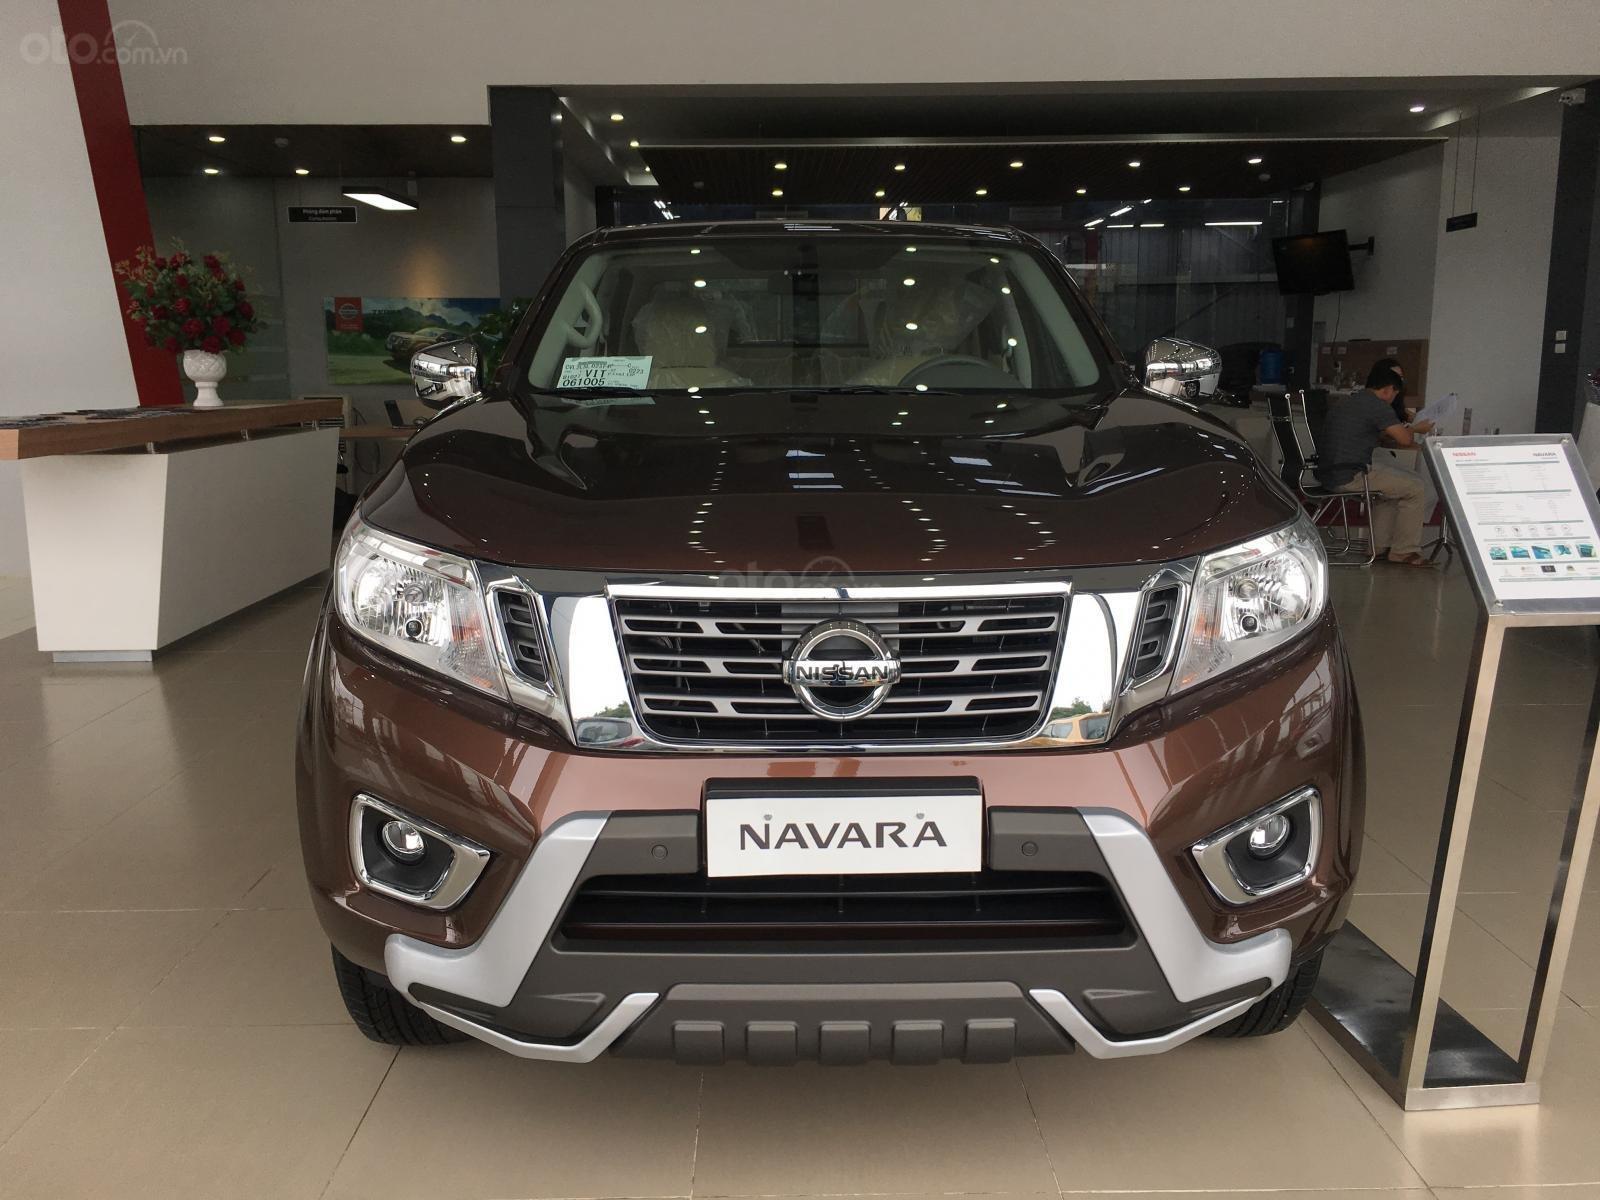 Bán xe Nissan Navara EL sản xuất 2019, màu nâu, xe nhập, giá tốt, nhiều khuyến mại (3)